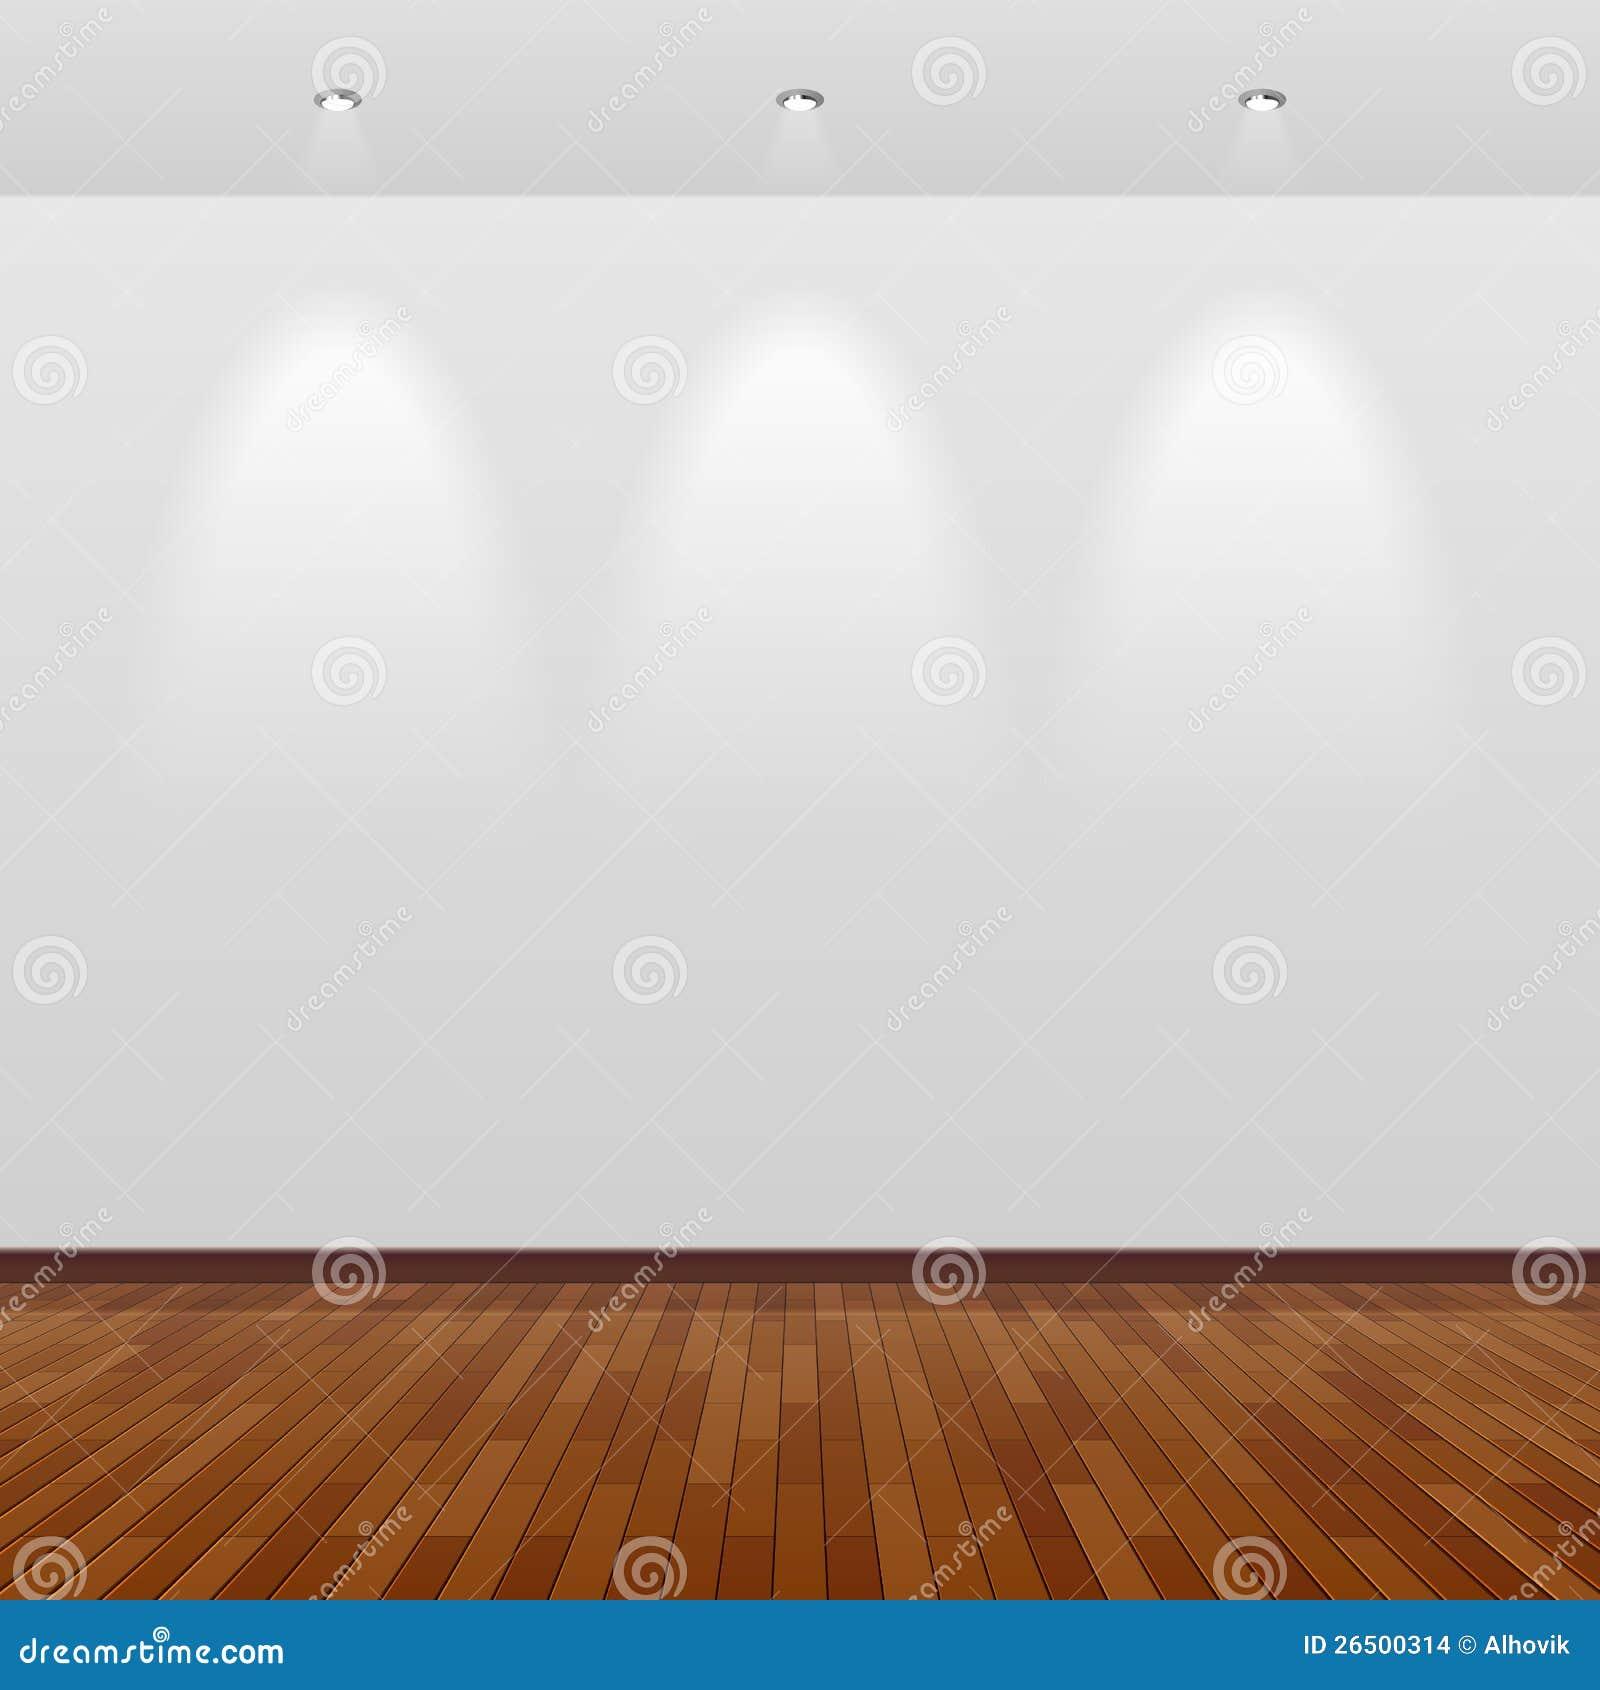 Lege Ruimte Met Witte Muur En Houten Vloer Stock Afbeeldingen ...